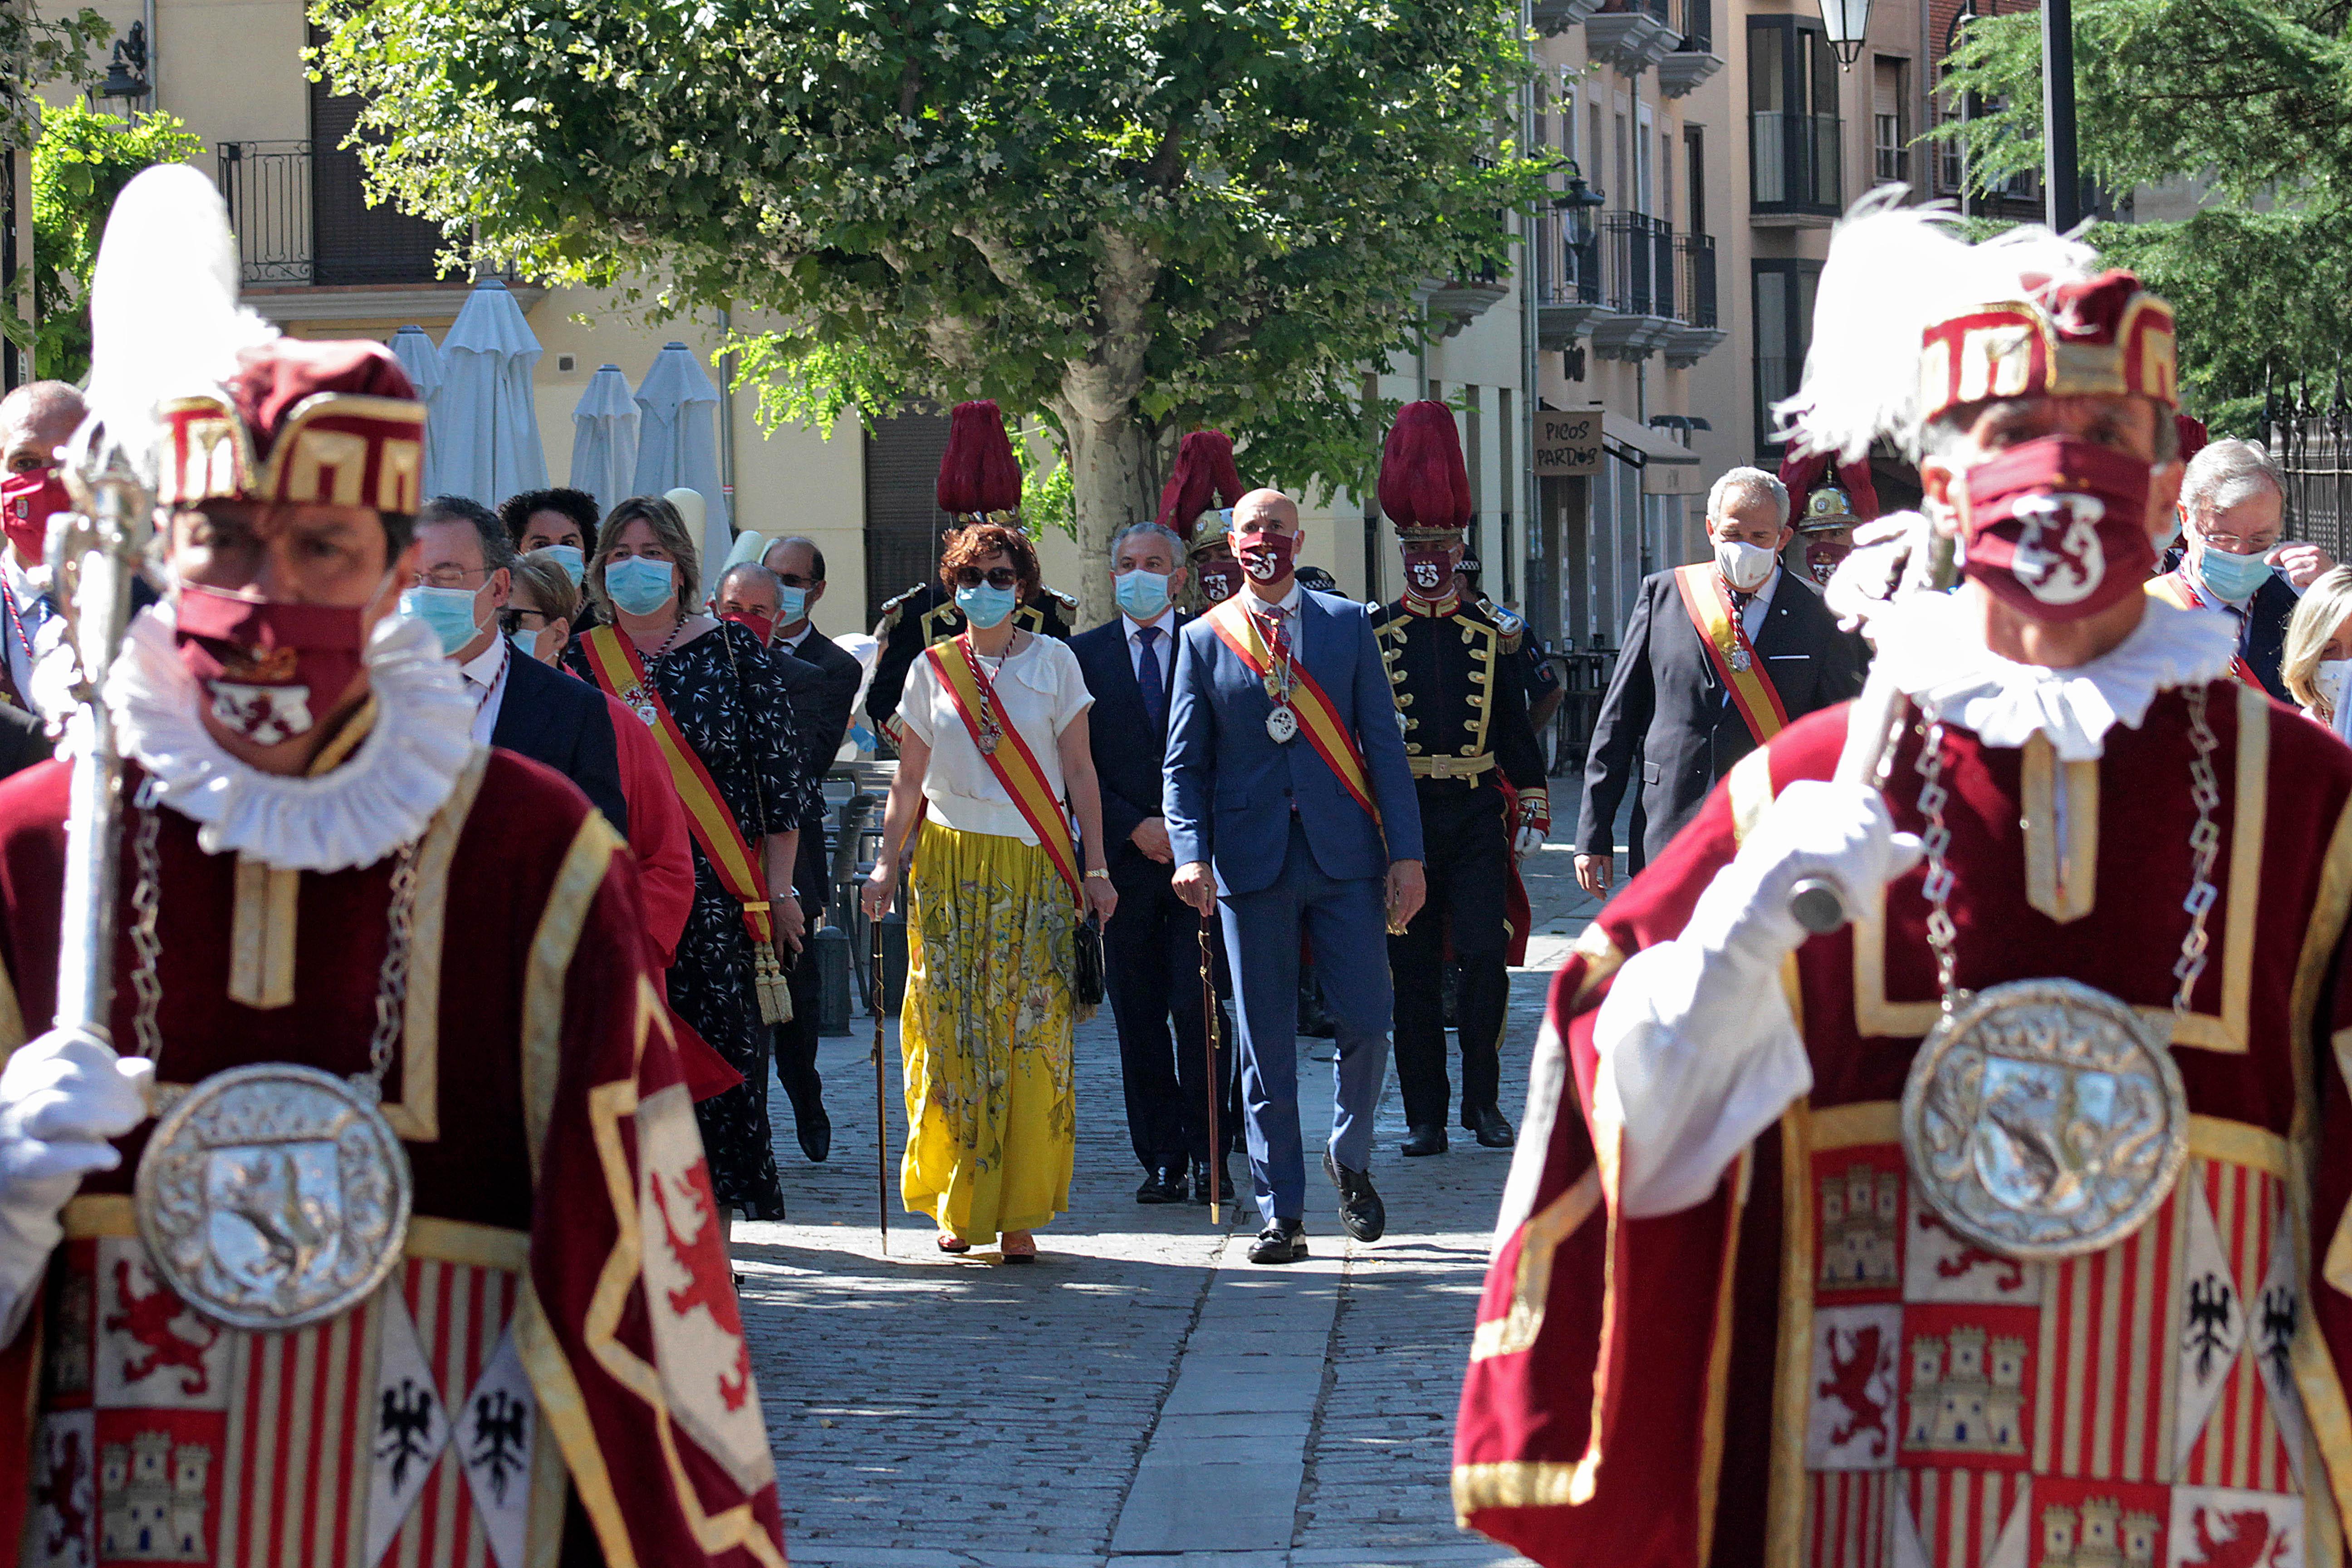 Celebración de Las Cabezadas; en la imagen, la Corporación Municipal sale en comitiva desde la plaza San Marcelo para dirigirse al atrio de San Isidoro